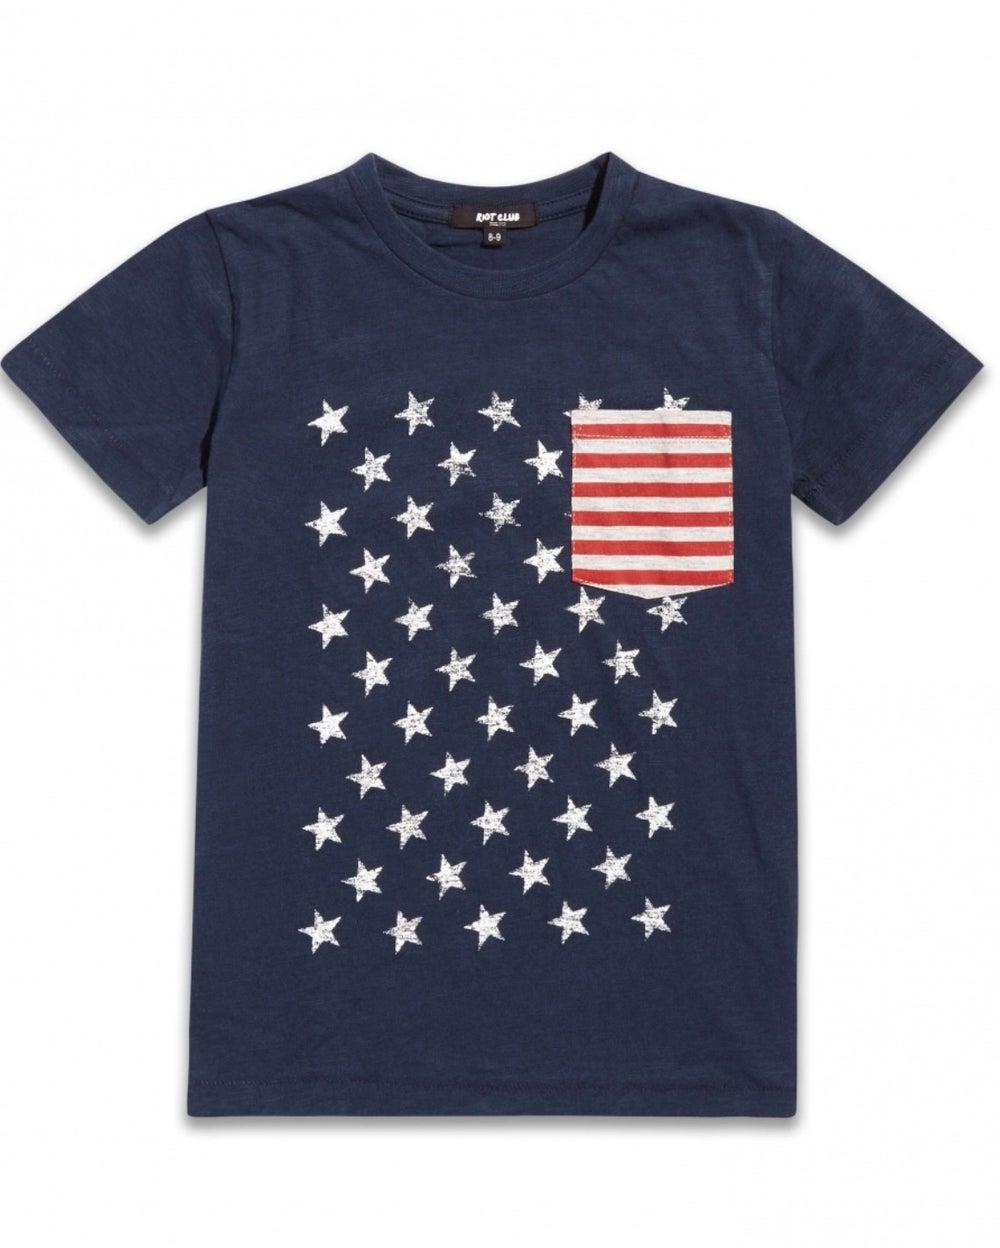 Image of USA printed tee